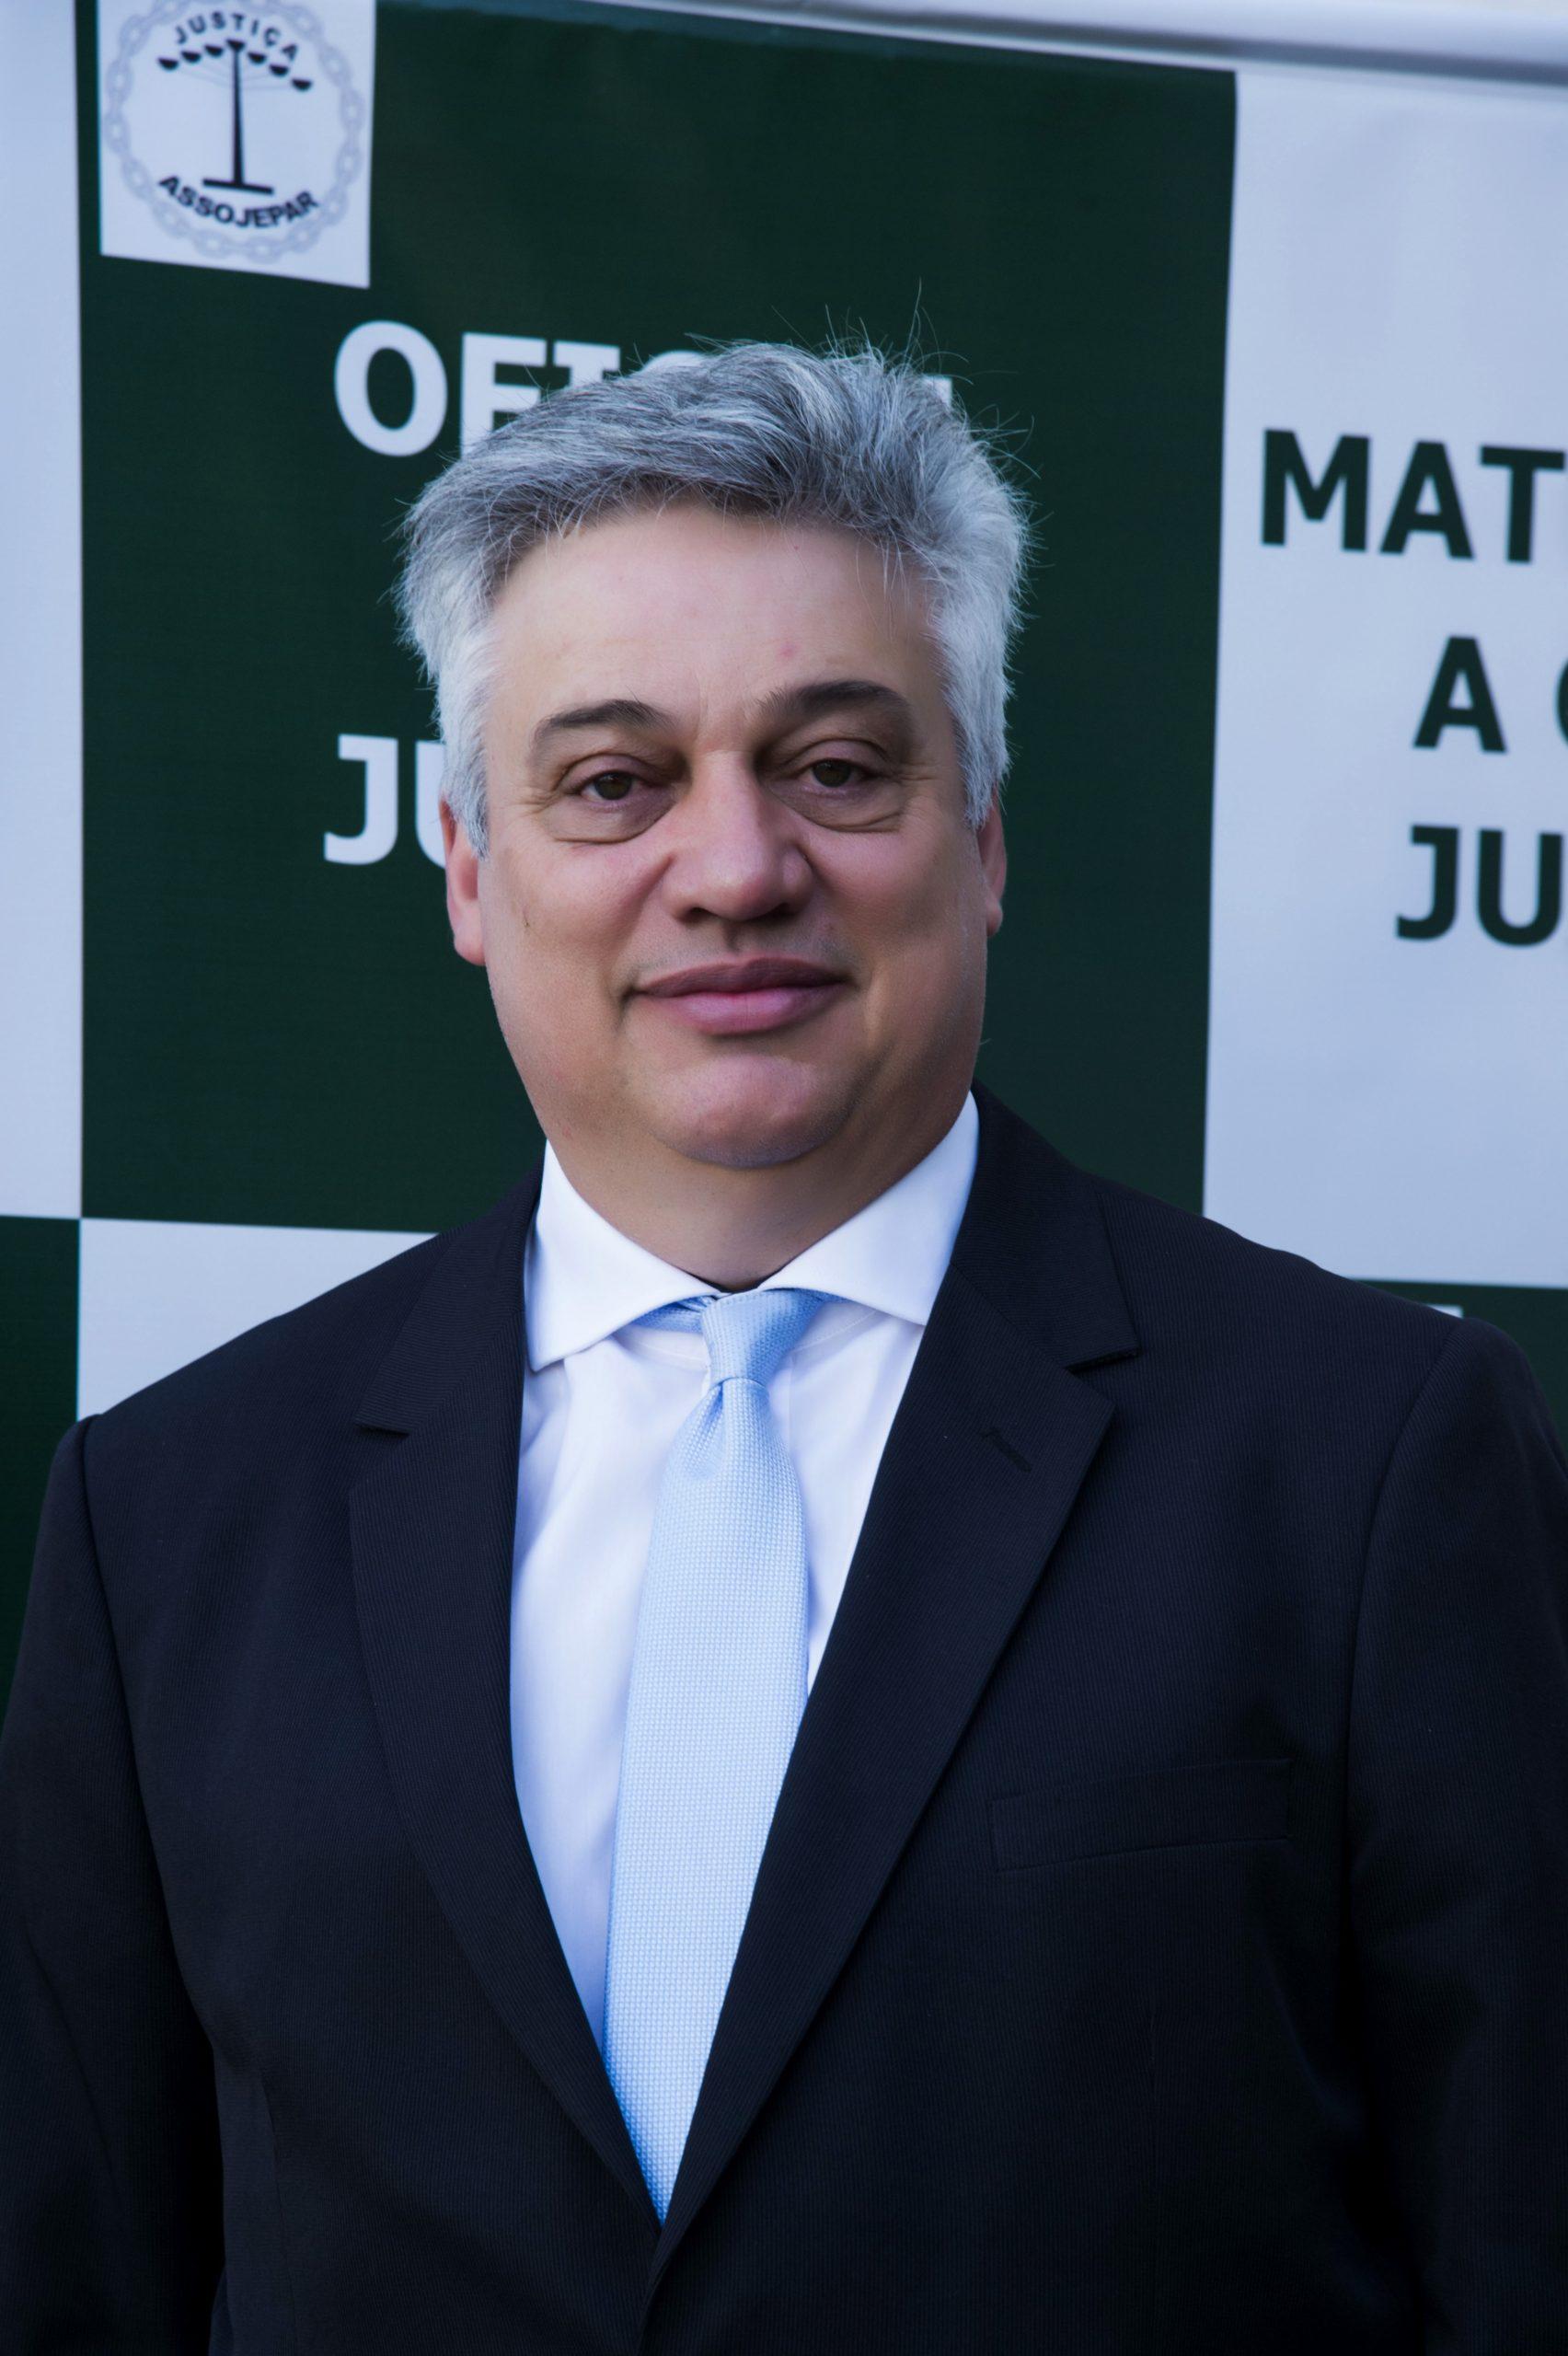 Arno Roberto Boos entrou para o cargo público em 1995. Trabalhou na direção do fórum de Curitiba entre 1985 e 1987. Foi o primeiro Oficial de Justiça das Cartas Precatórias criminais. Graduado em Administração com ênfase em Marketing, pós graduado em Projetos na área d Economia, Gestão de pessoas atualmente pós graduando em Perícia de Avaliação Patrimonial de Bens e Direitos.